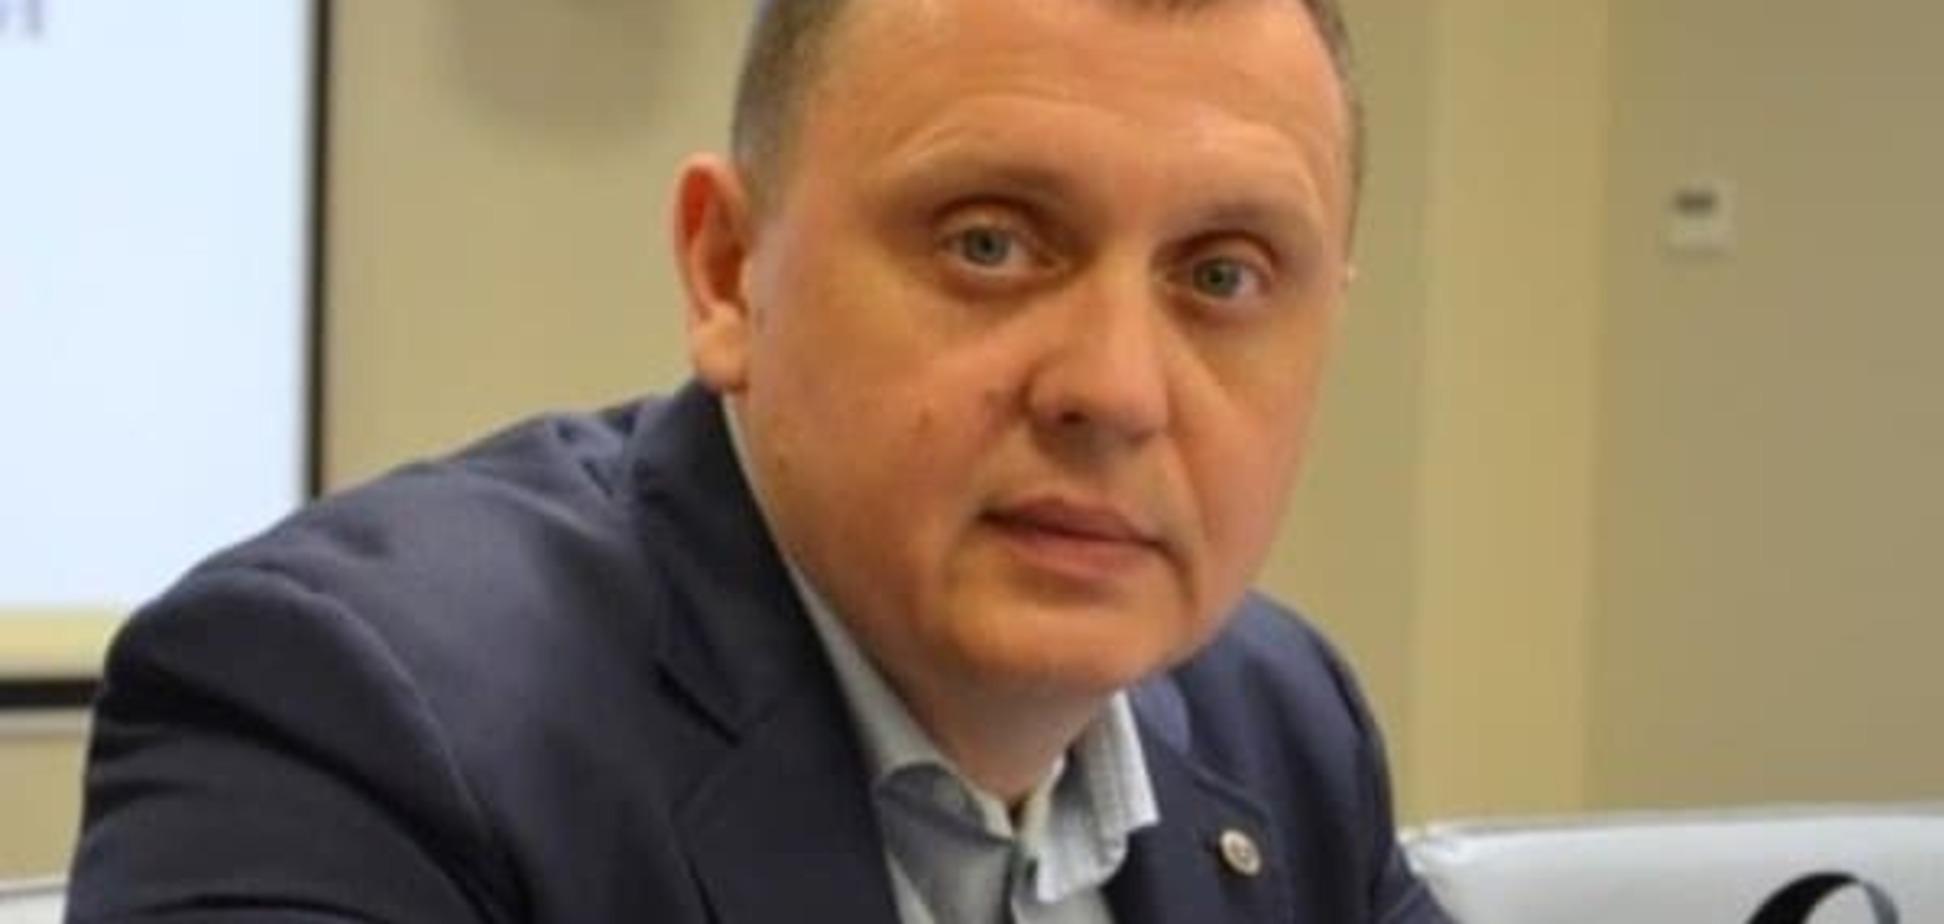 ГПУ арестовала Maybach члена ВСЮ Гречковского, пойманного на взятке в $500 тыс.